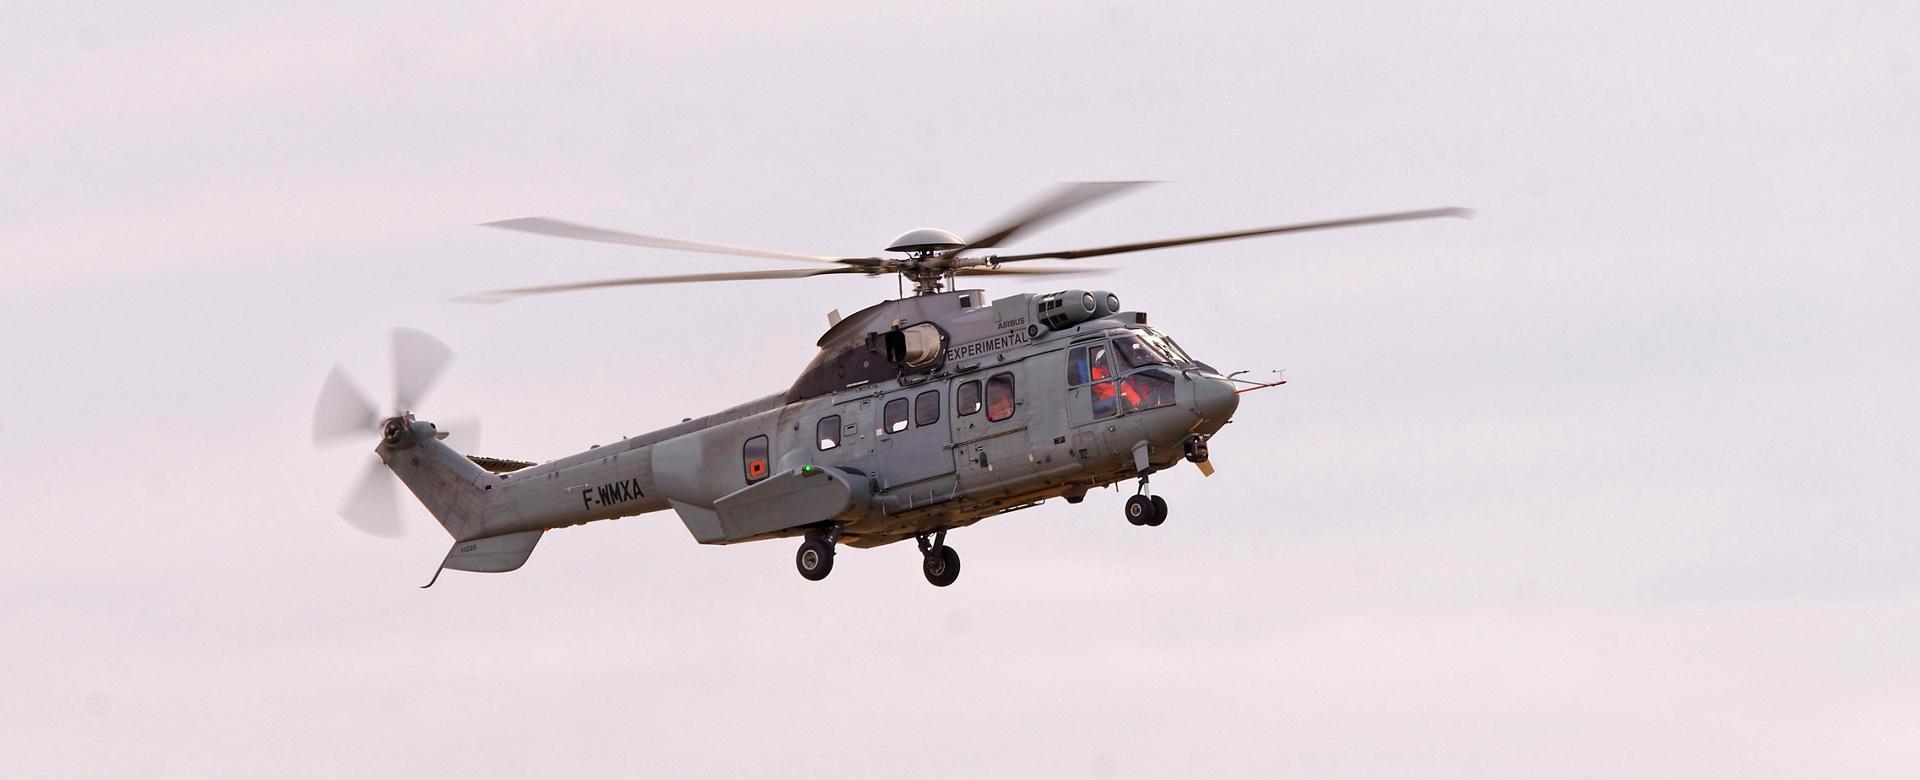 H225M Eagle